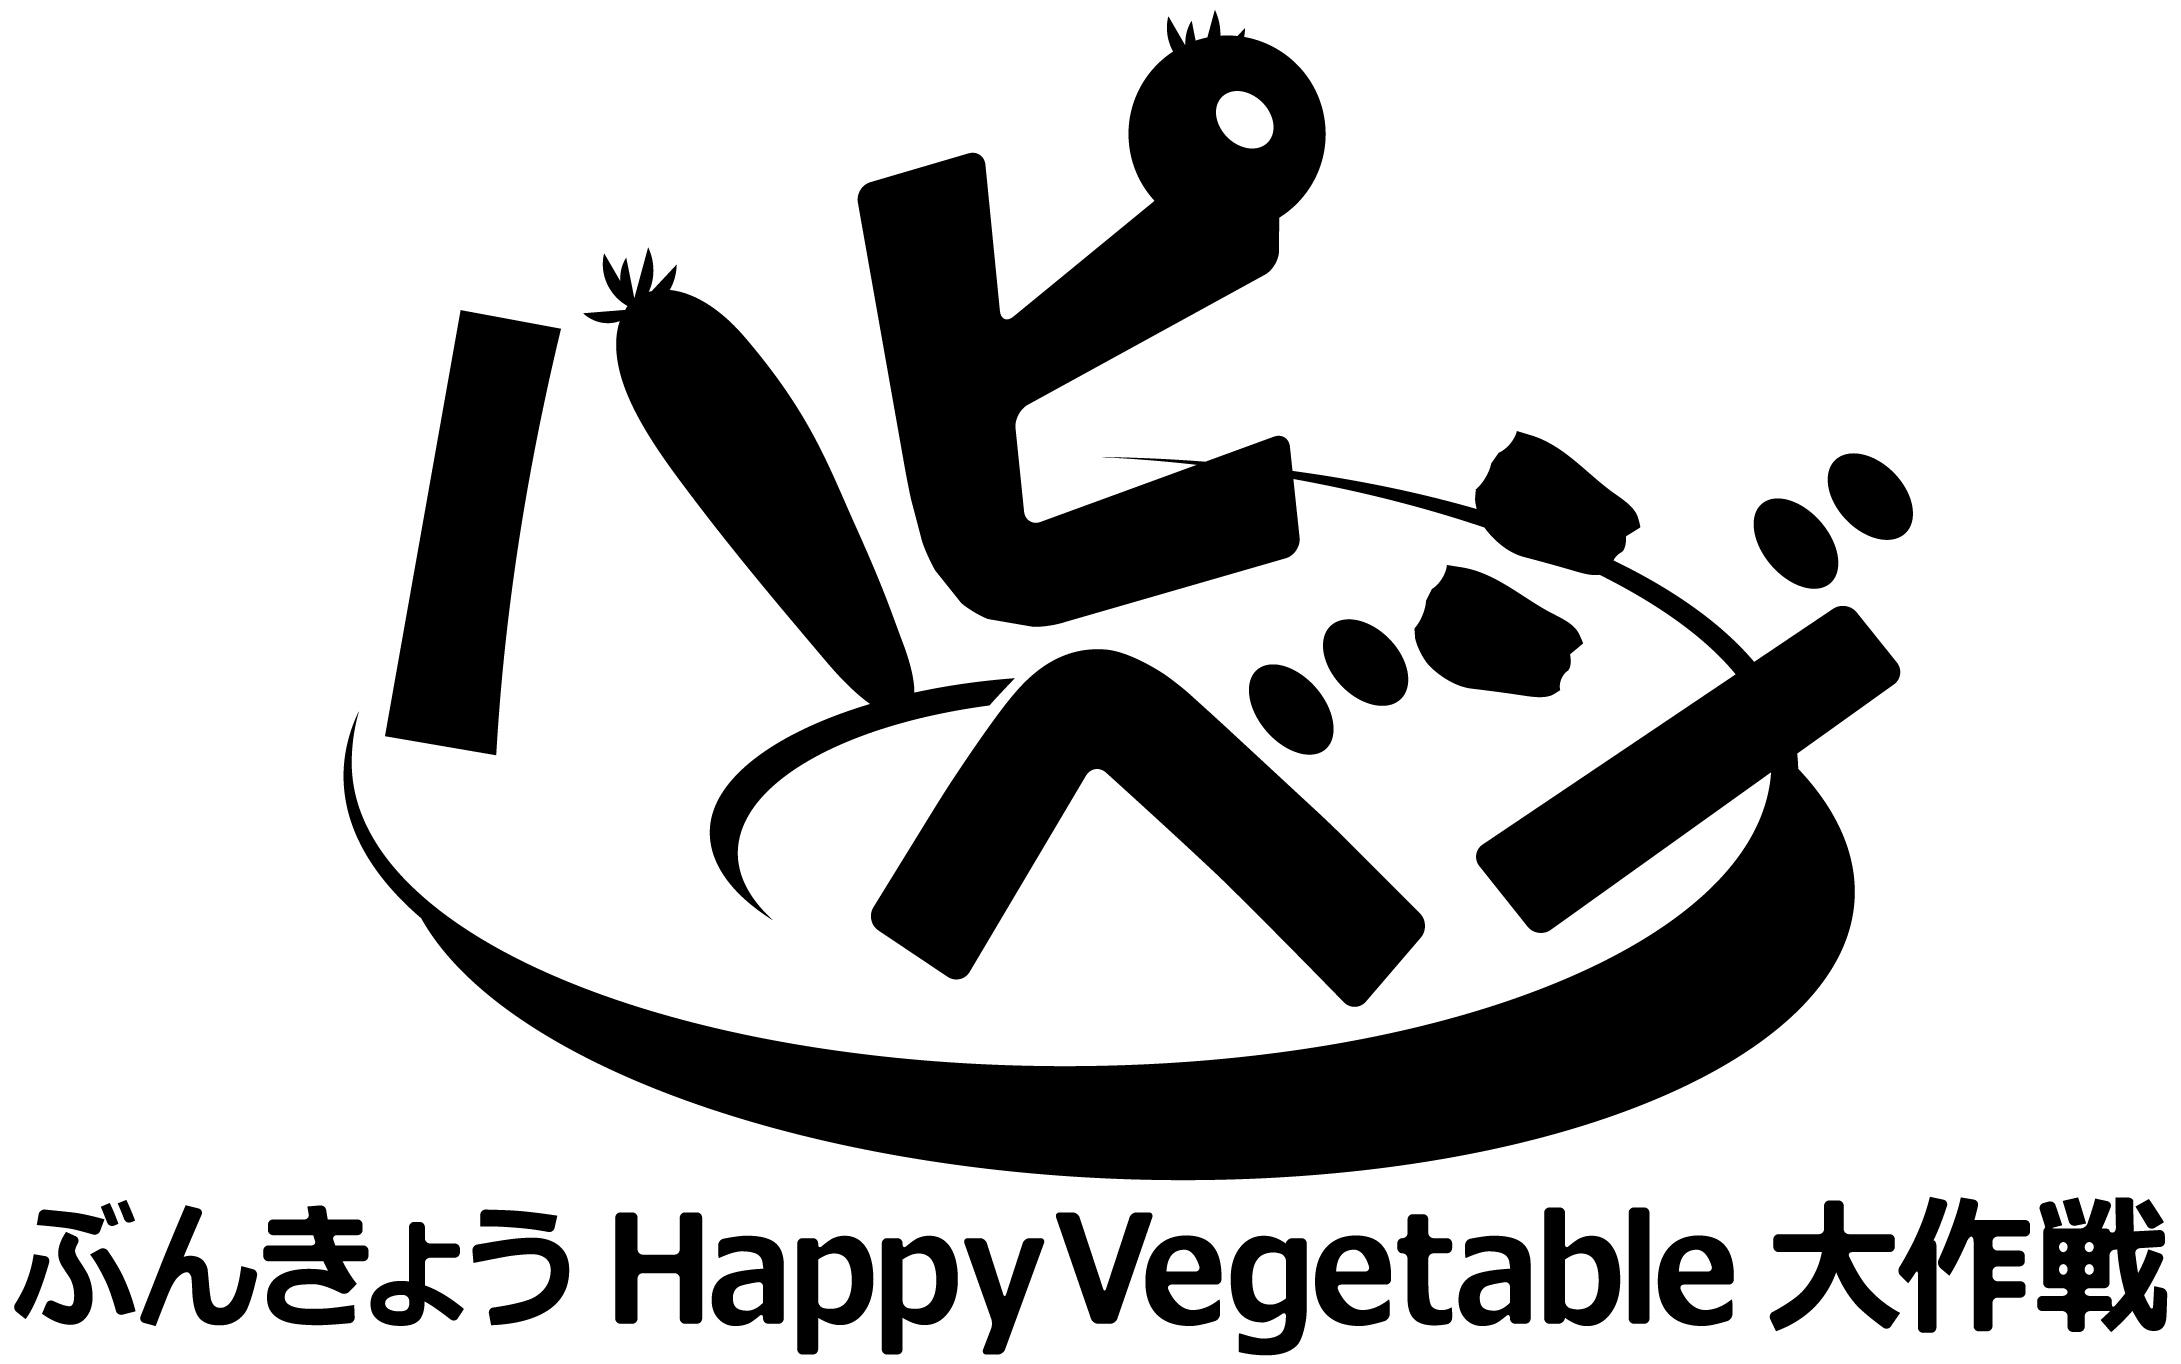 ハピベジロゴ(皿付き/モノクロ)